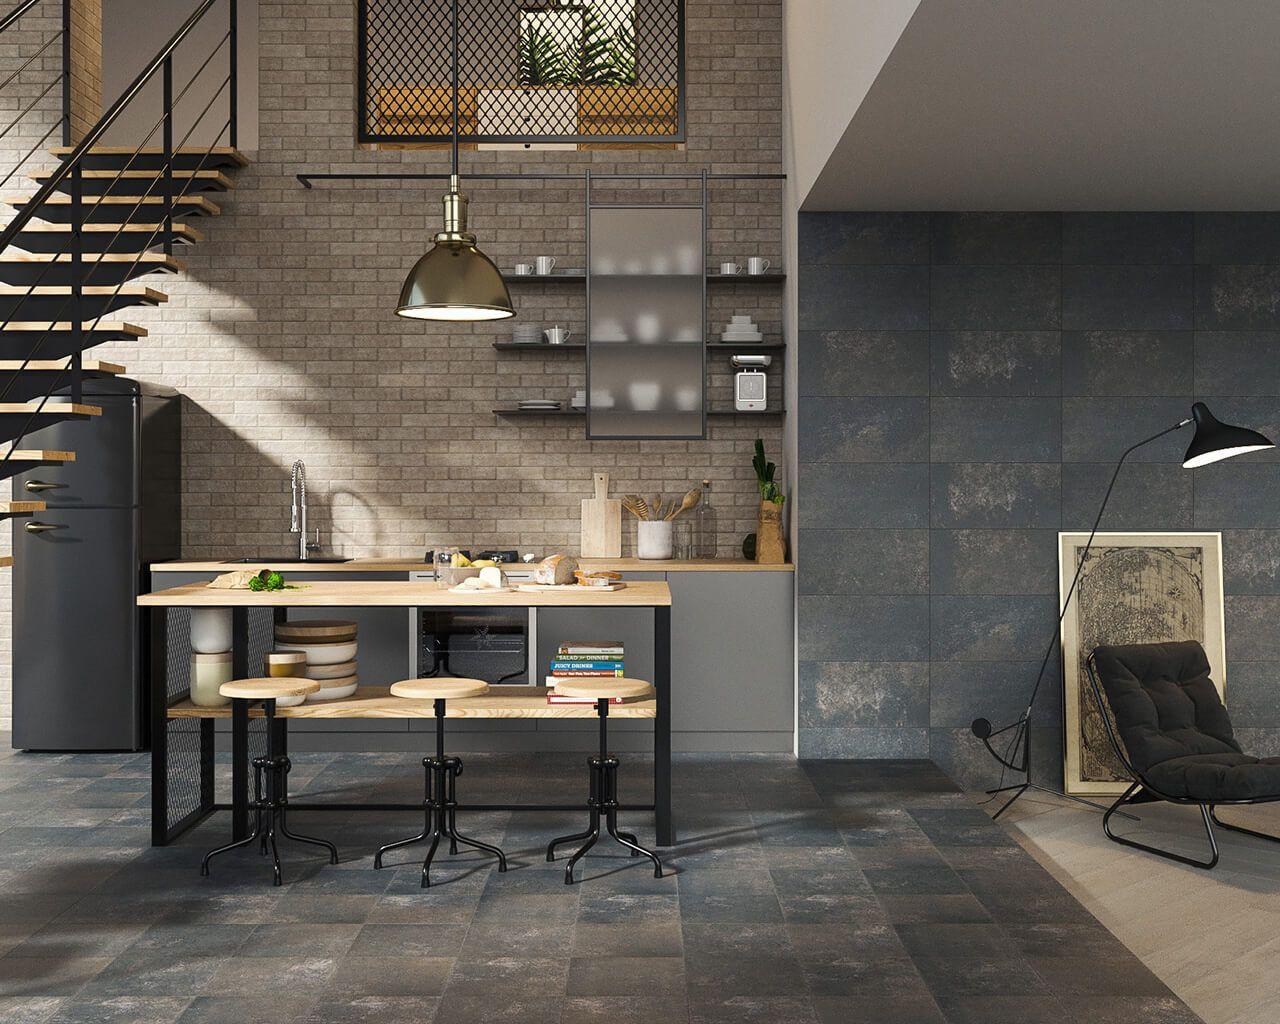 Hochwertig Wohnzimmer Mit Kochecke Im Industriellen Stil